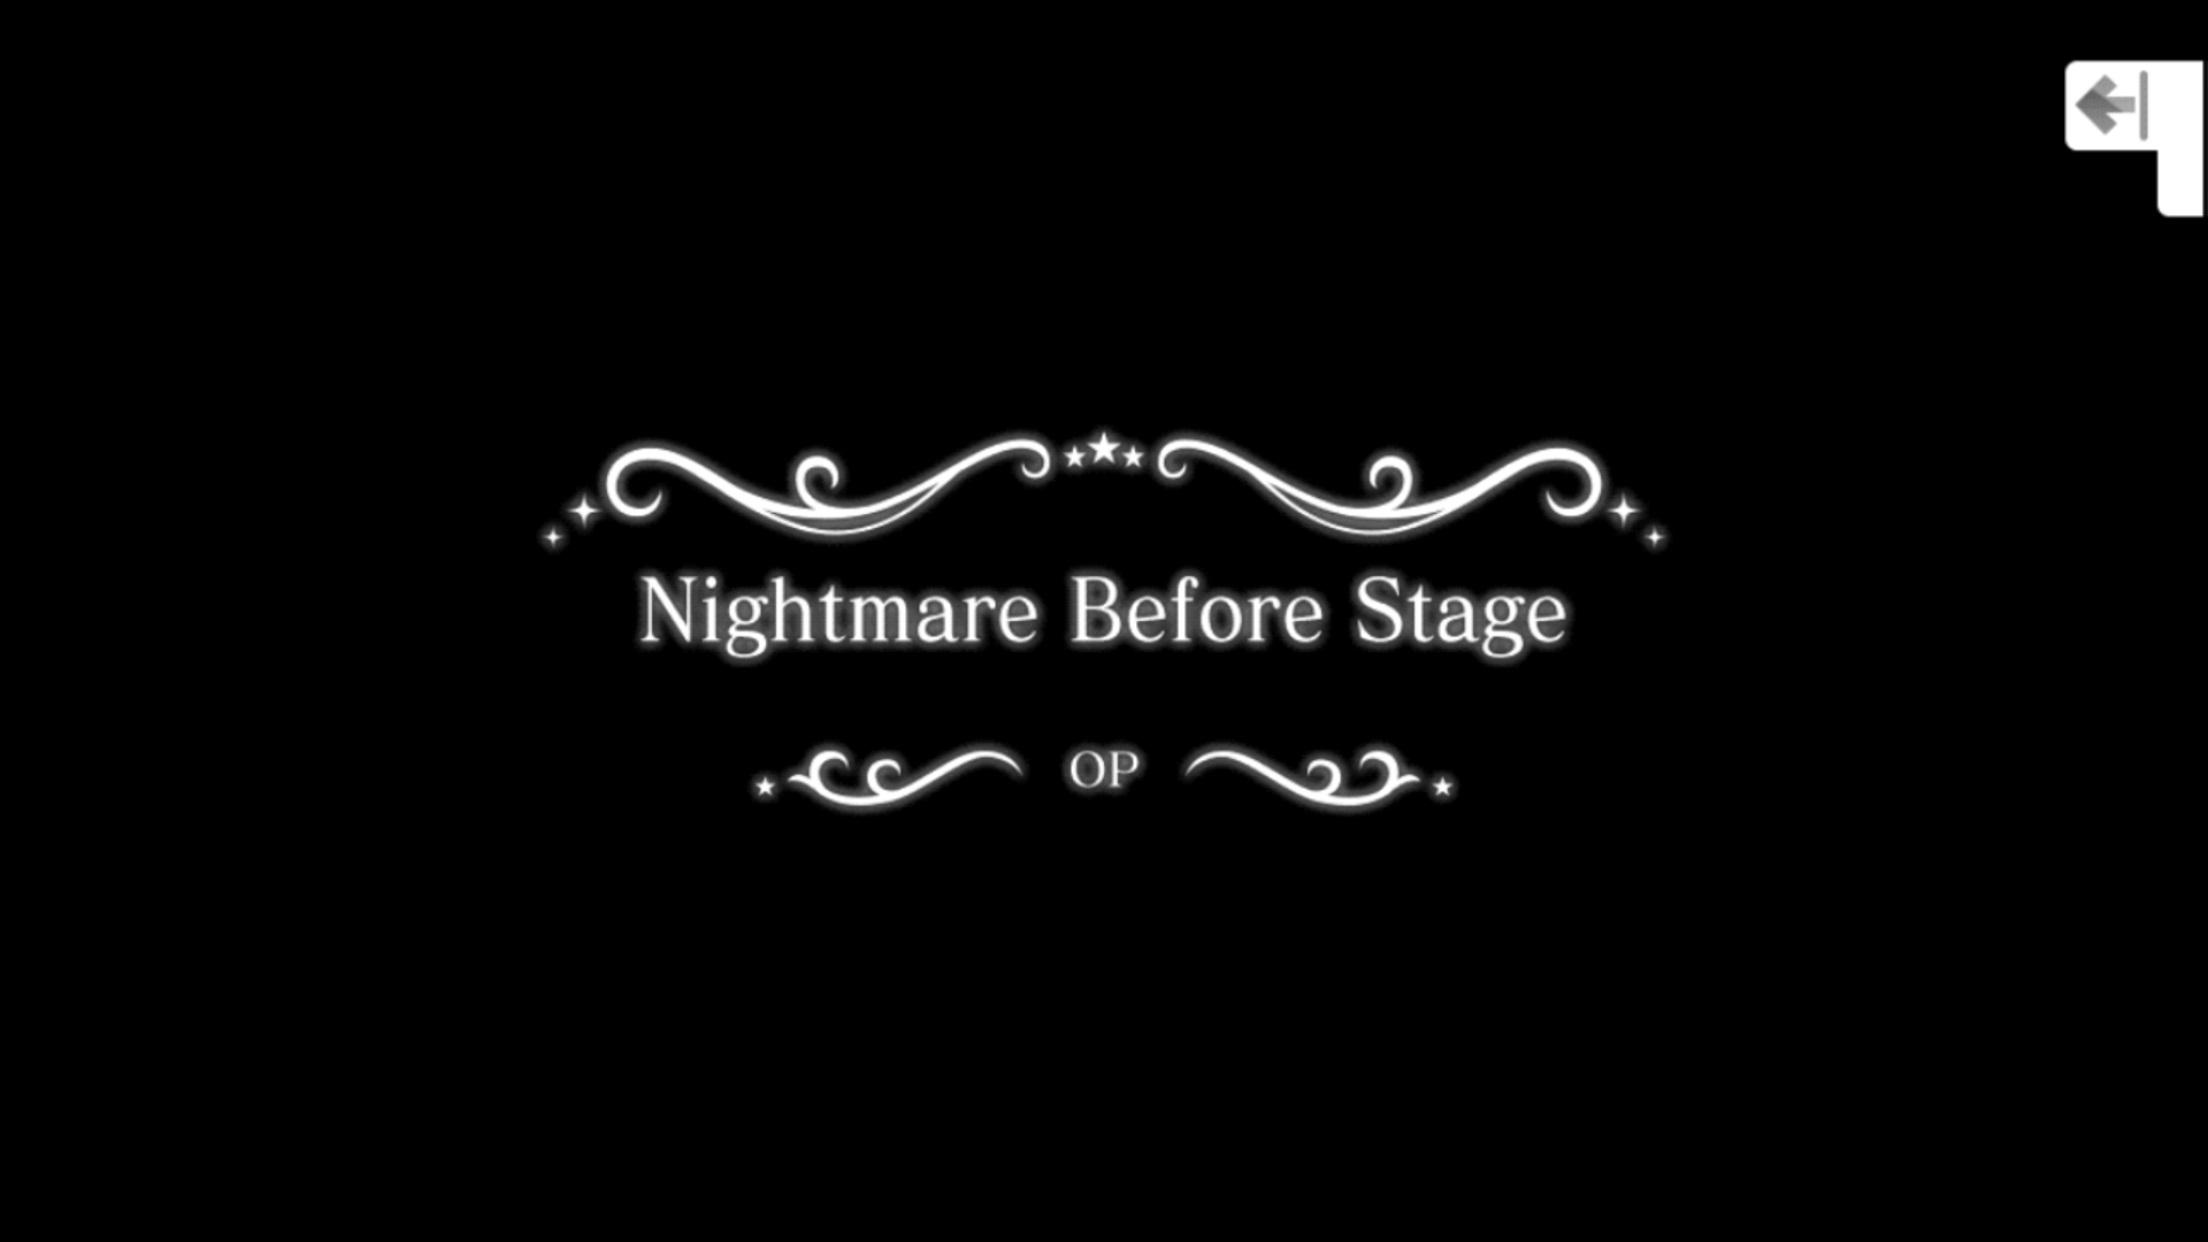 언데드 댄스록 오프닝: Nightmare Before Stage